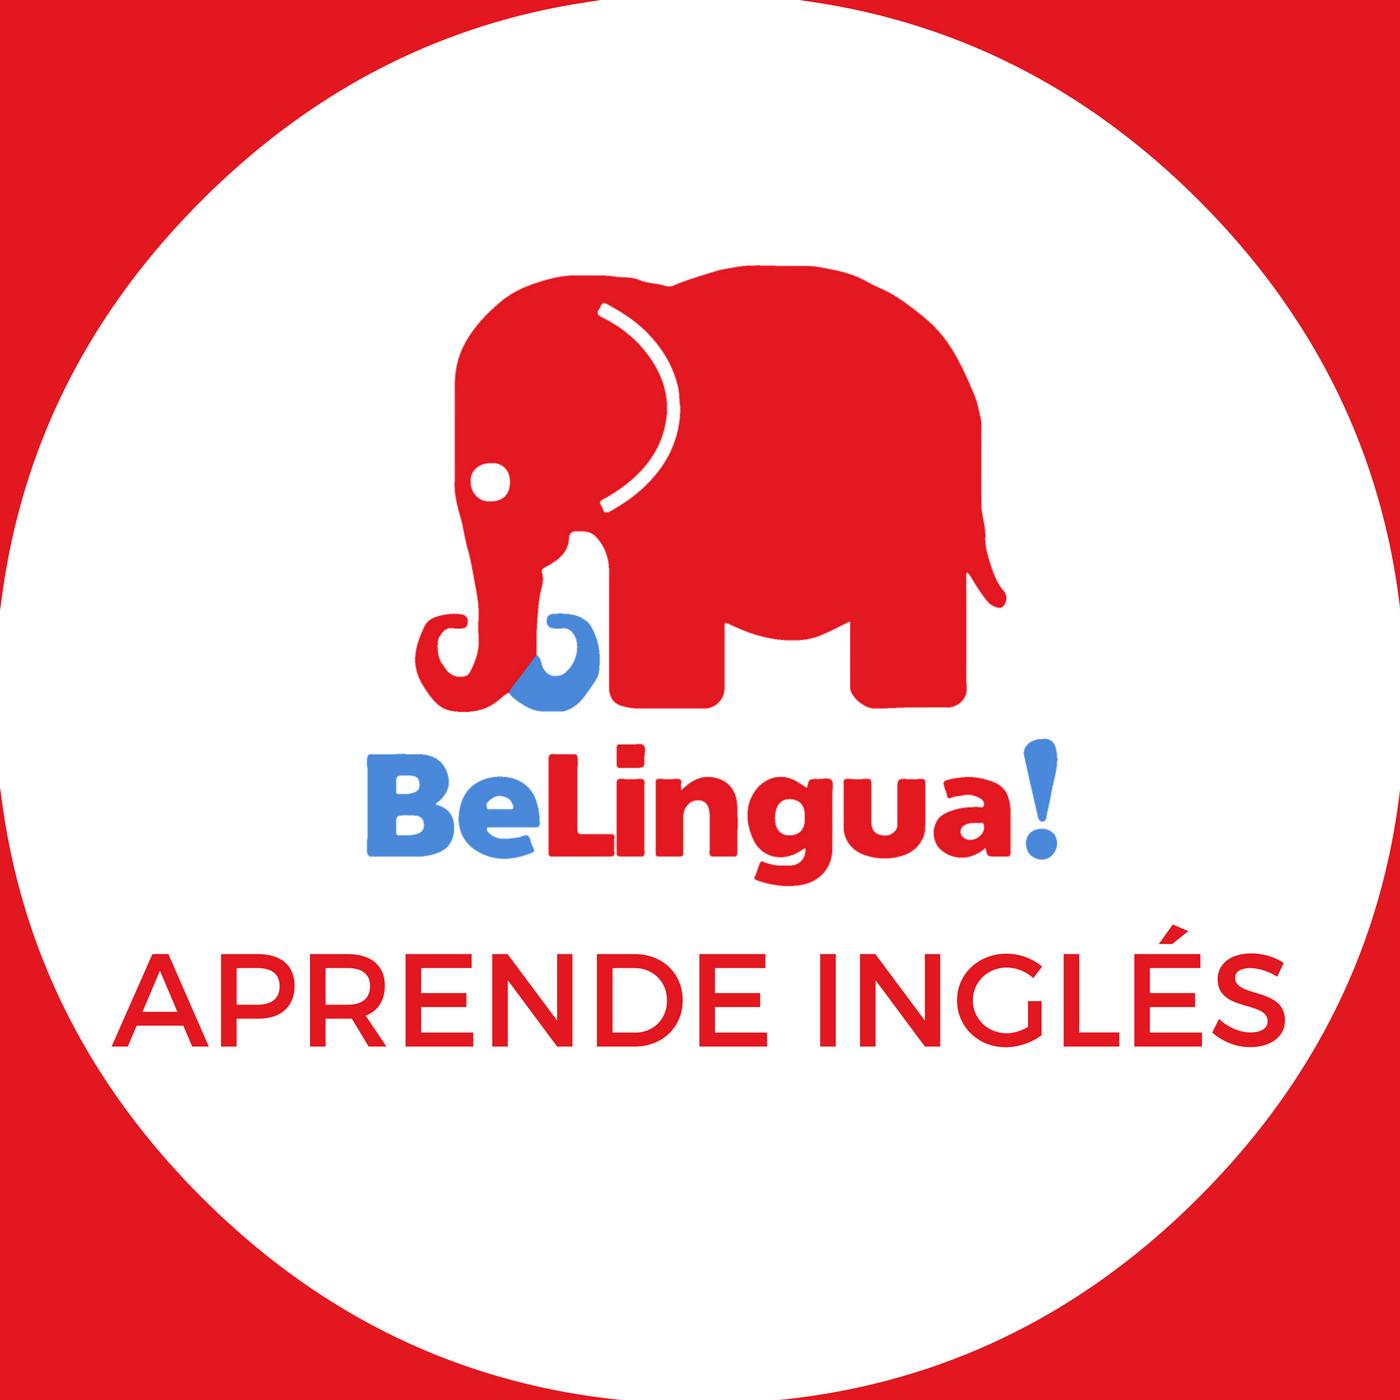 BeLingua